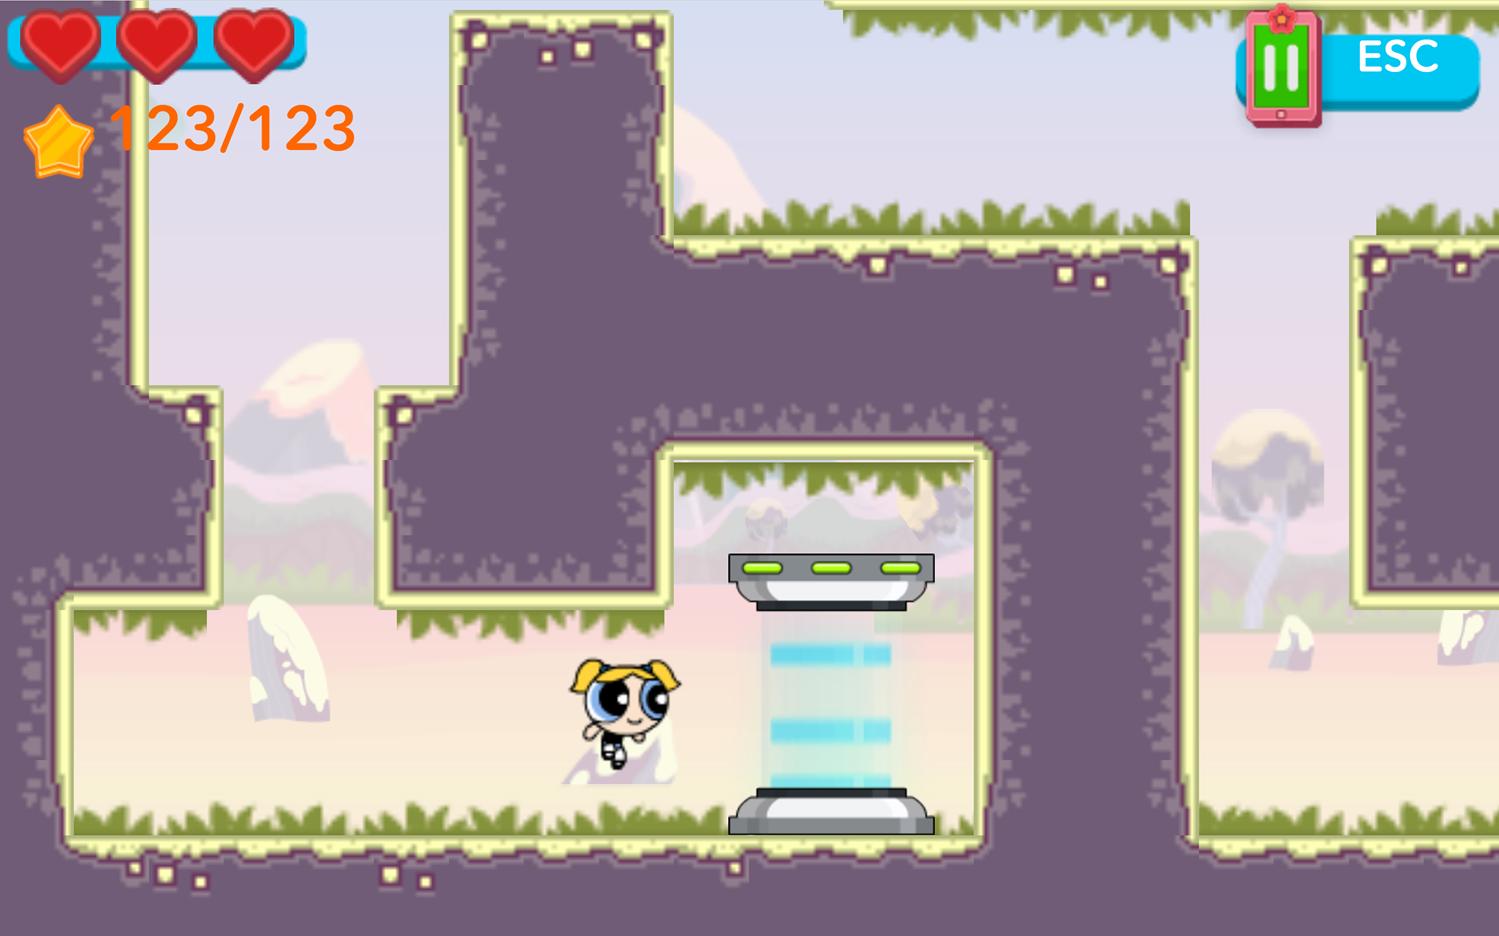 Powerpuff Girls Hypno Bliss Level End Screenshot.